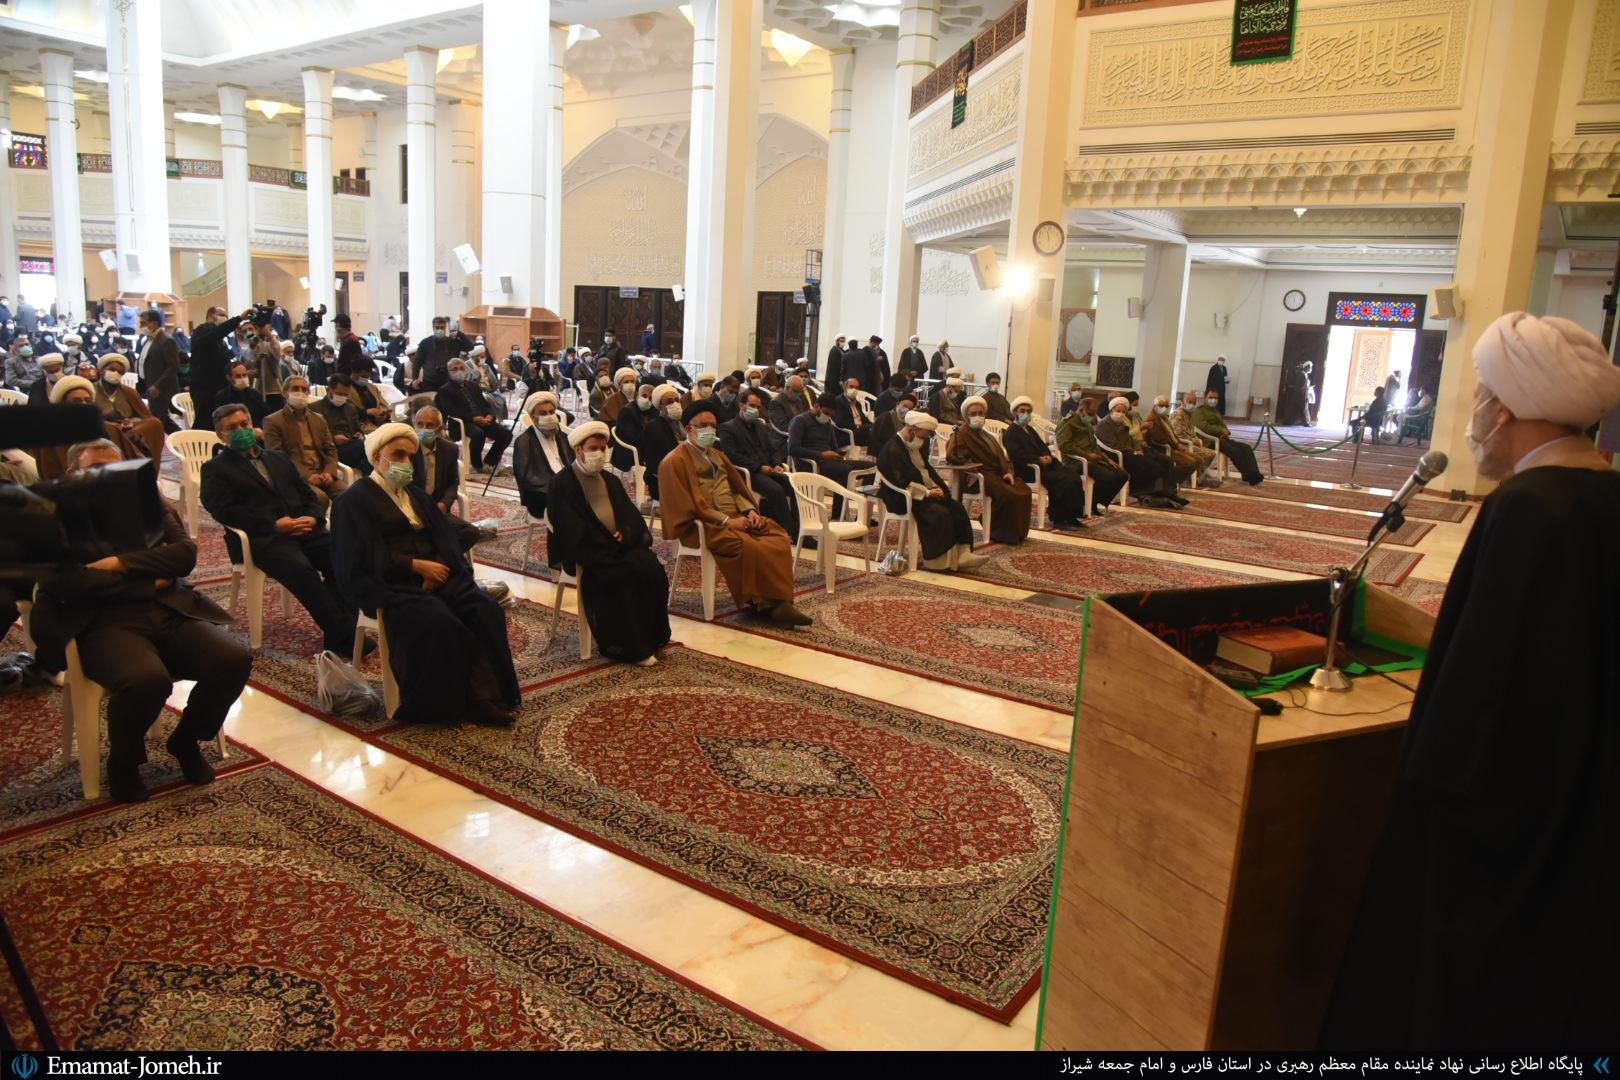 تکریم یاد مرحوم آیتالله مصباح در شیراز